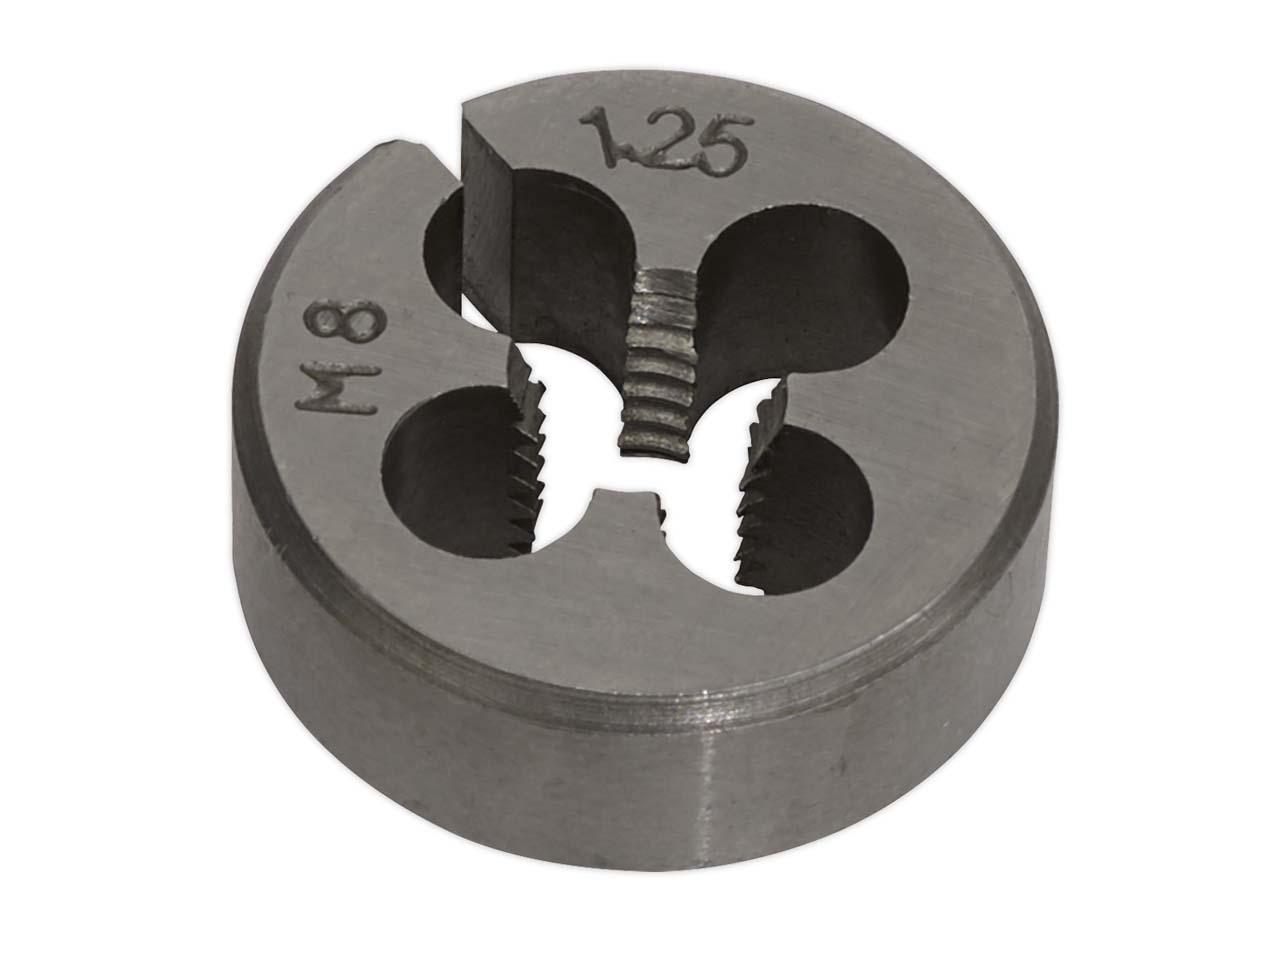 FAIDSH2 - Engineering Tools 2in Diestock Holder 50.8mm